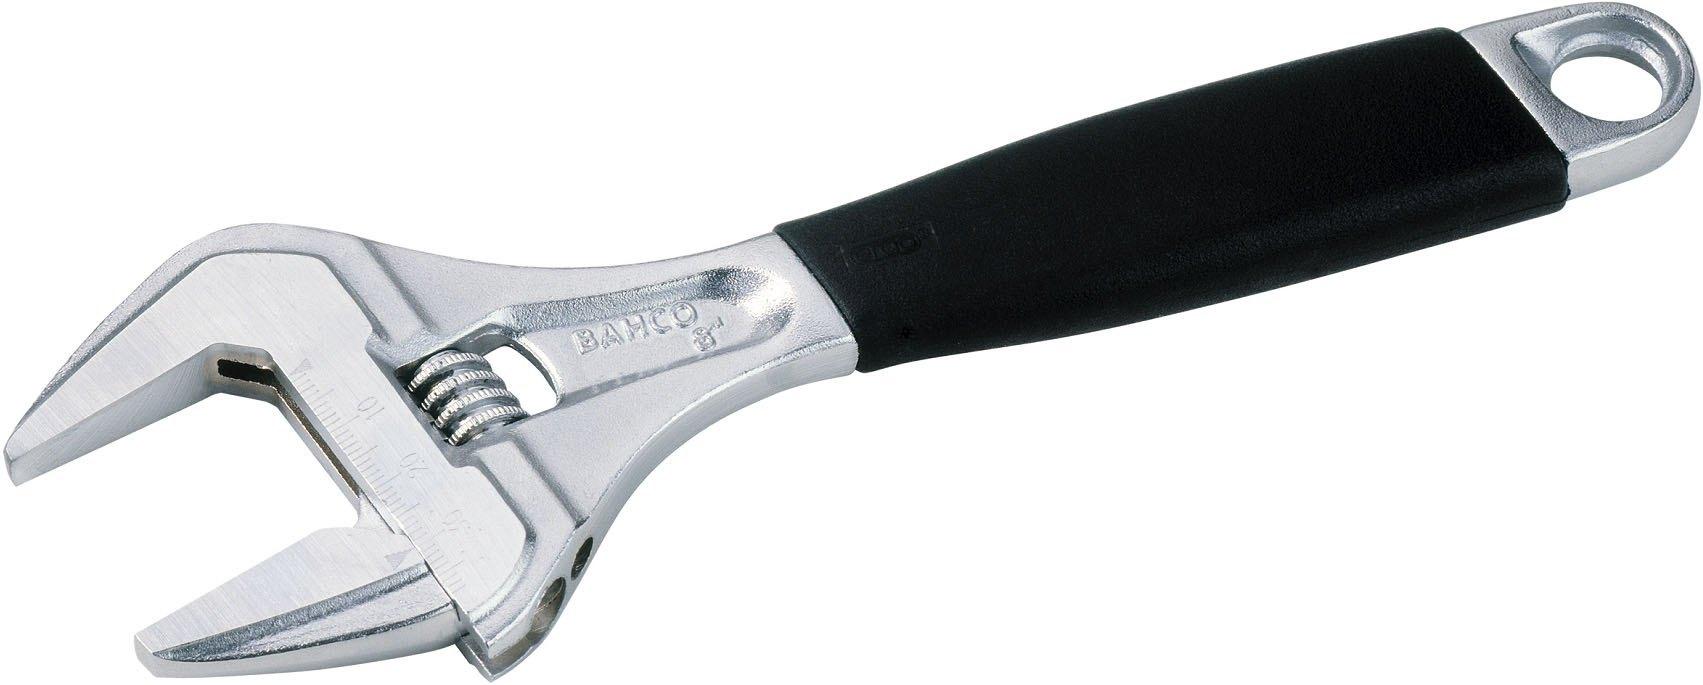 Ergo ключ разводной хромированный truper 20 3 см